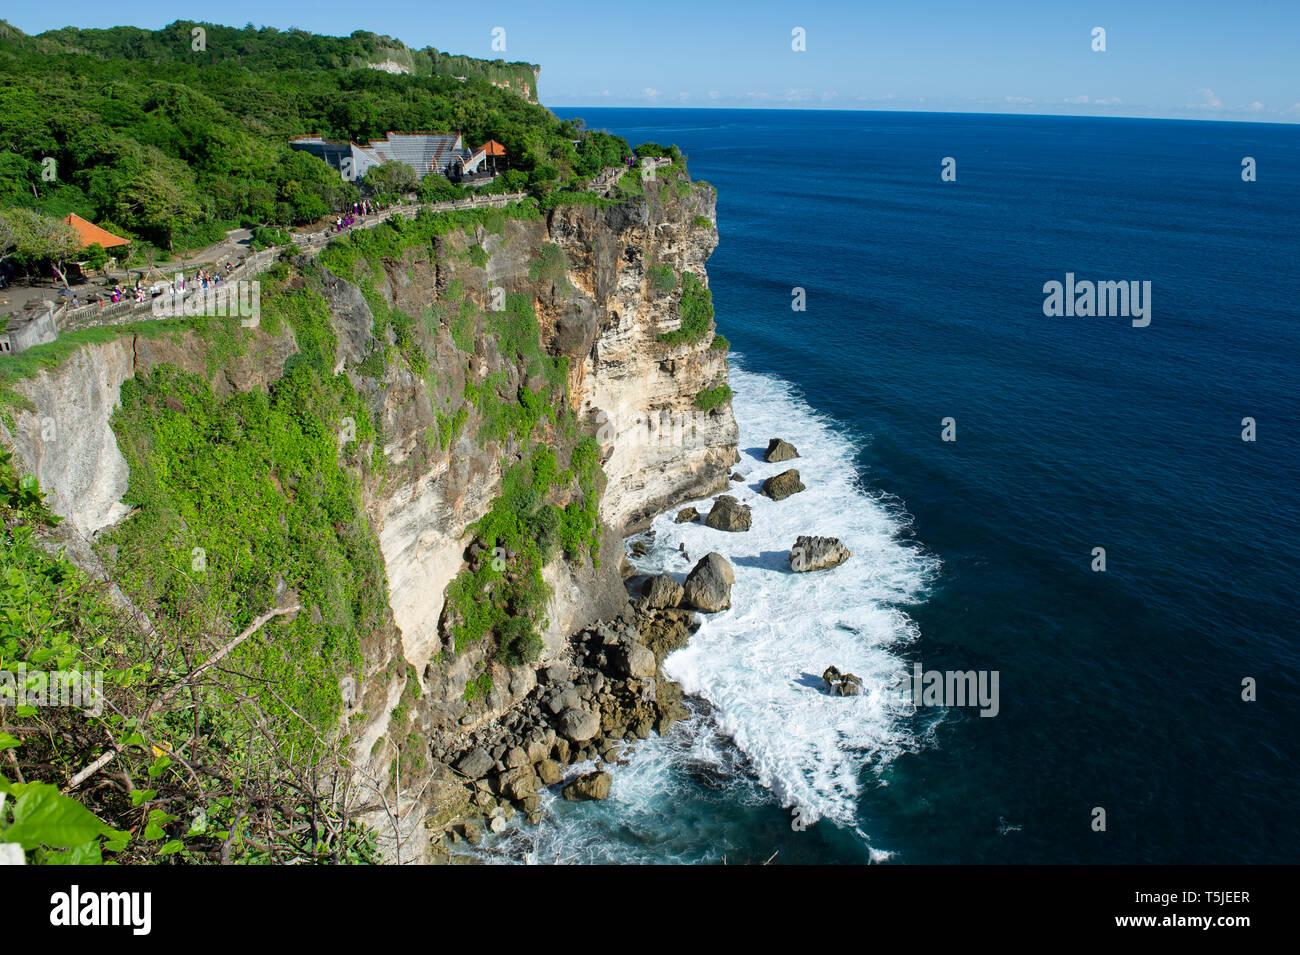 The Amphitheatre on the cliff top at Uluwatu Temple (Pura Luhur Uluwatu) on the Bukit Peninsula in Bali, Indonesia Stock Photo